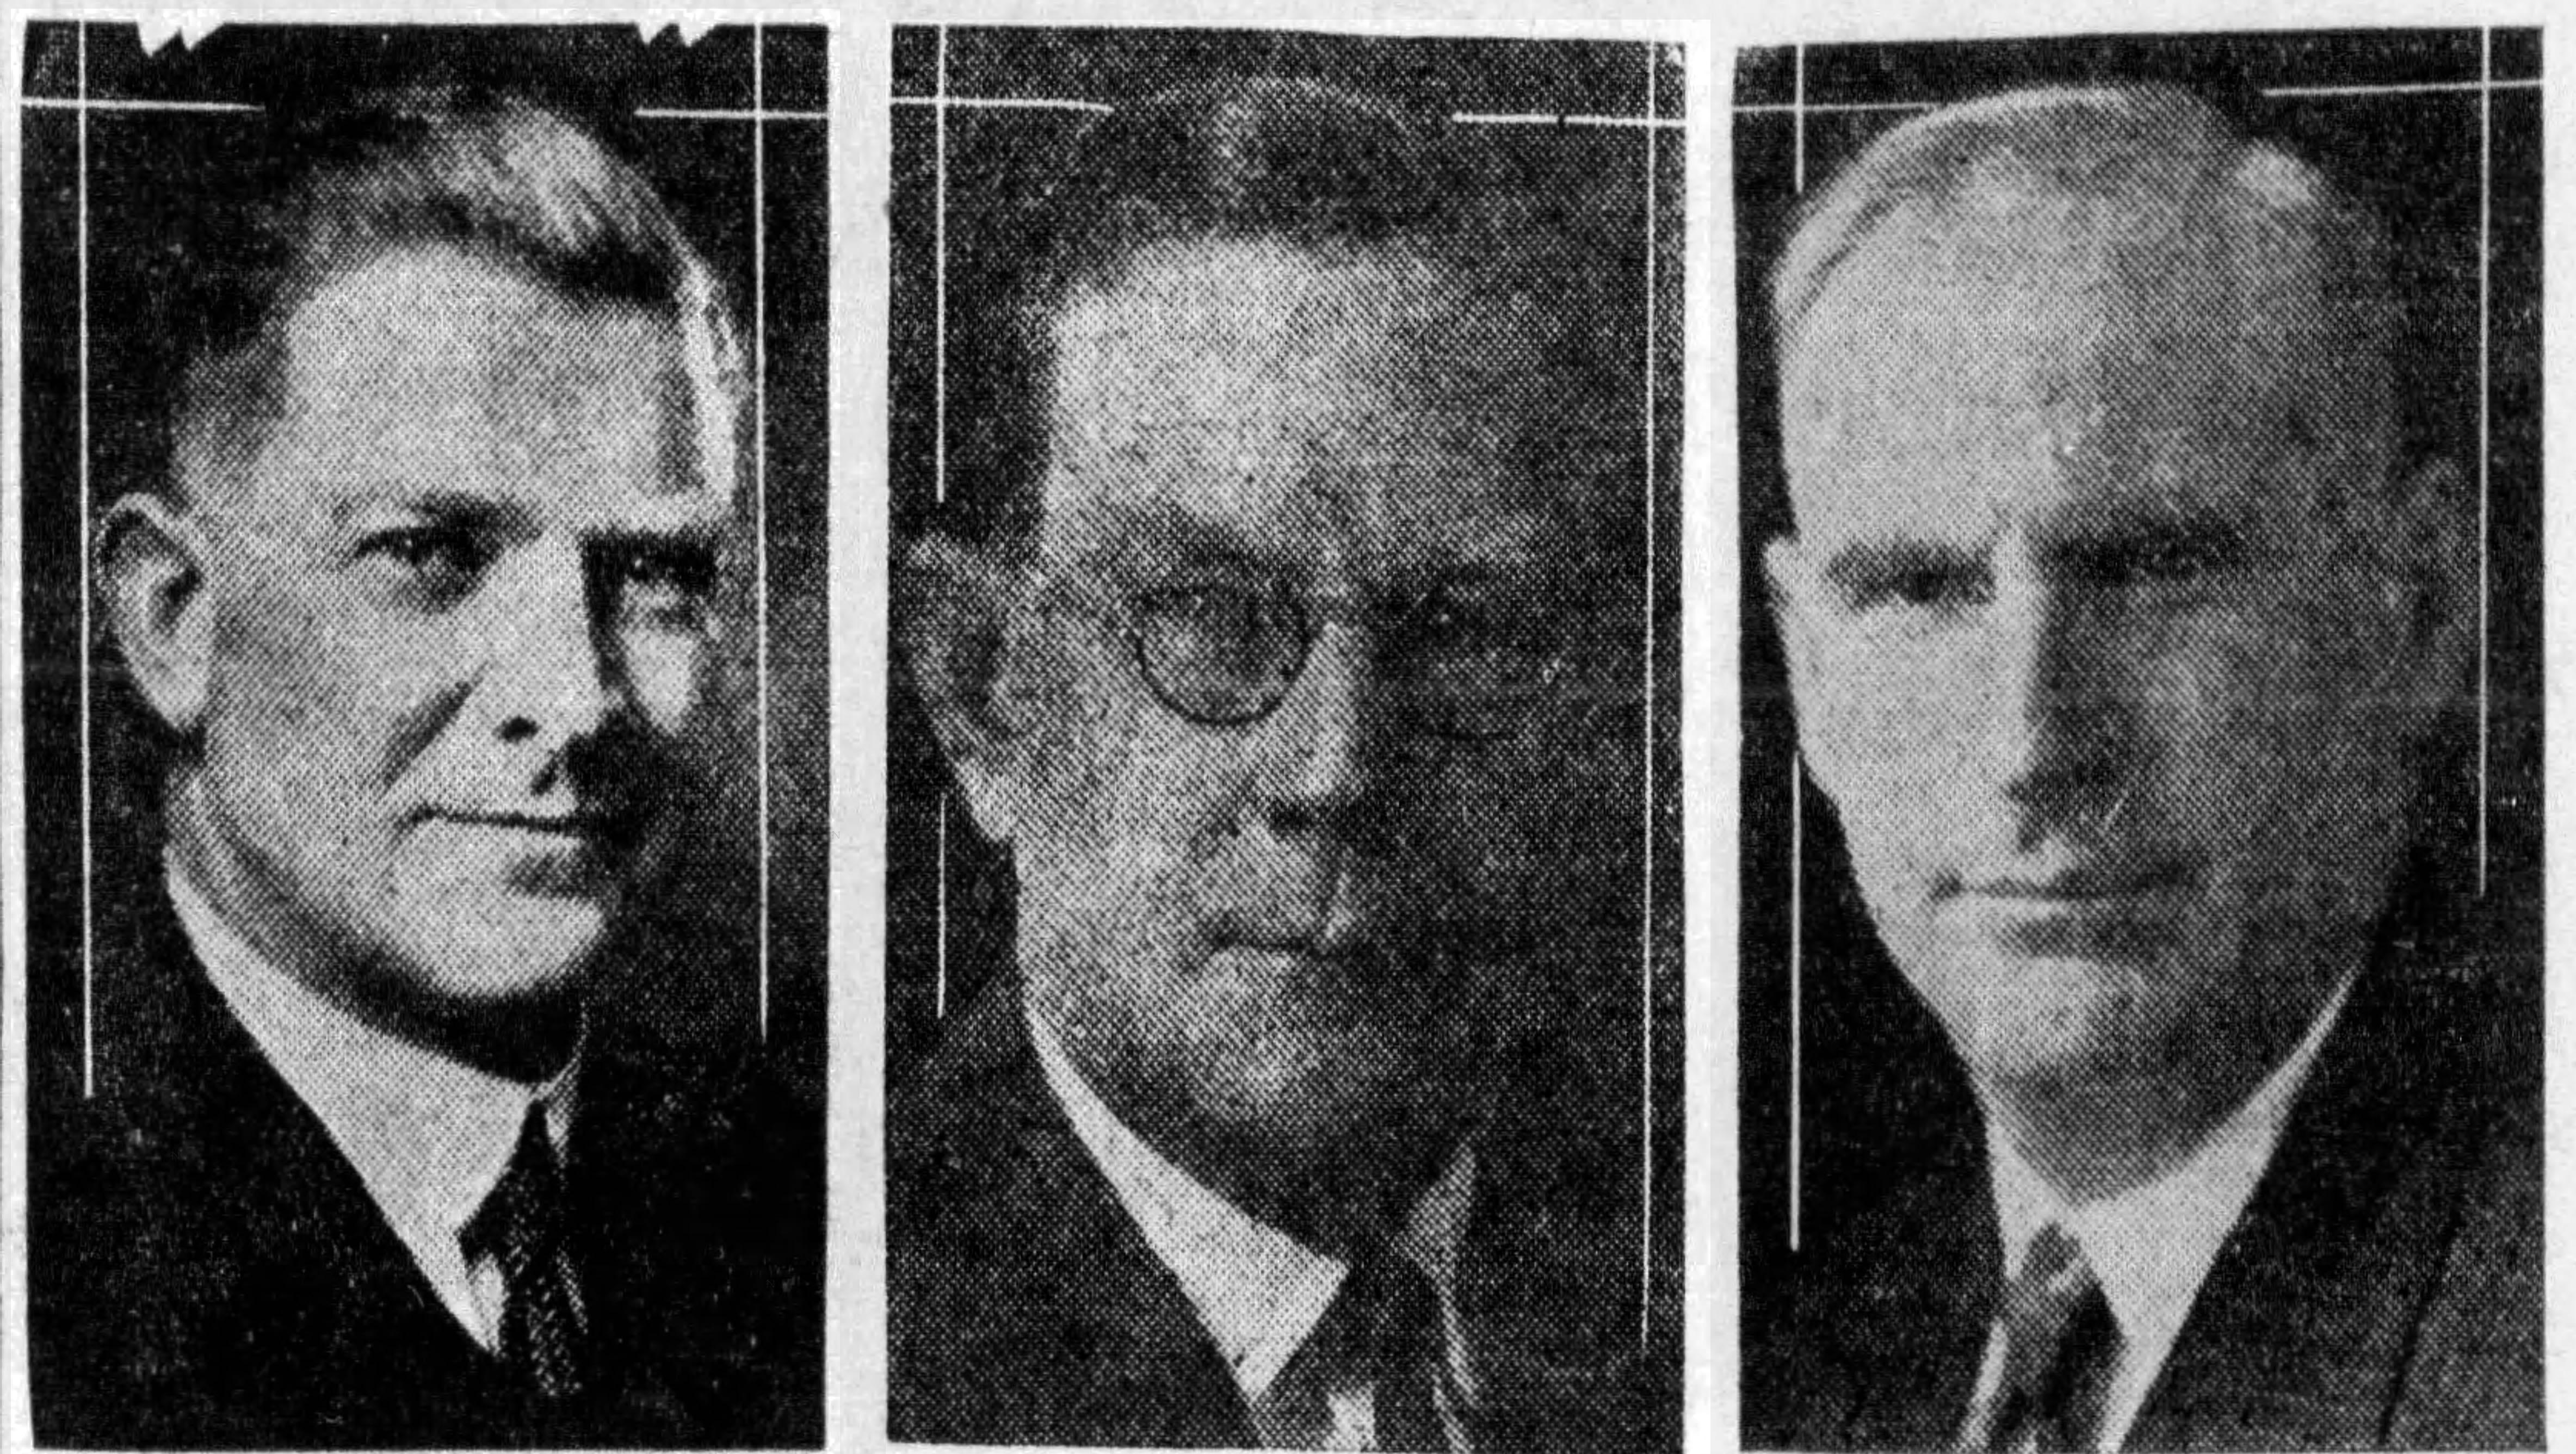 Four-man El Paso parade commemorated San Jacinto Day in 1931